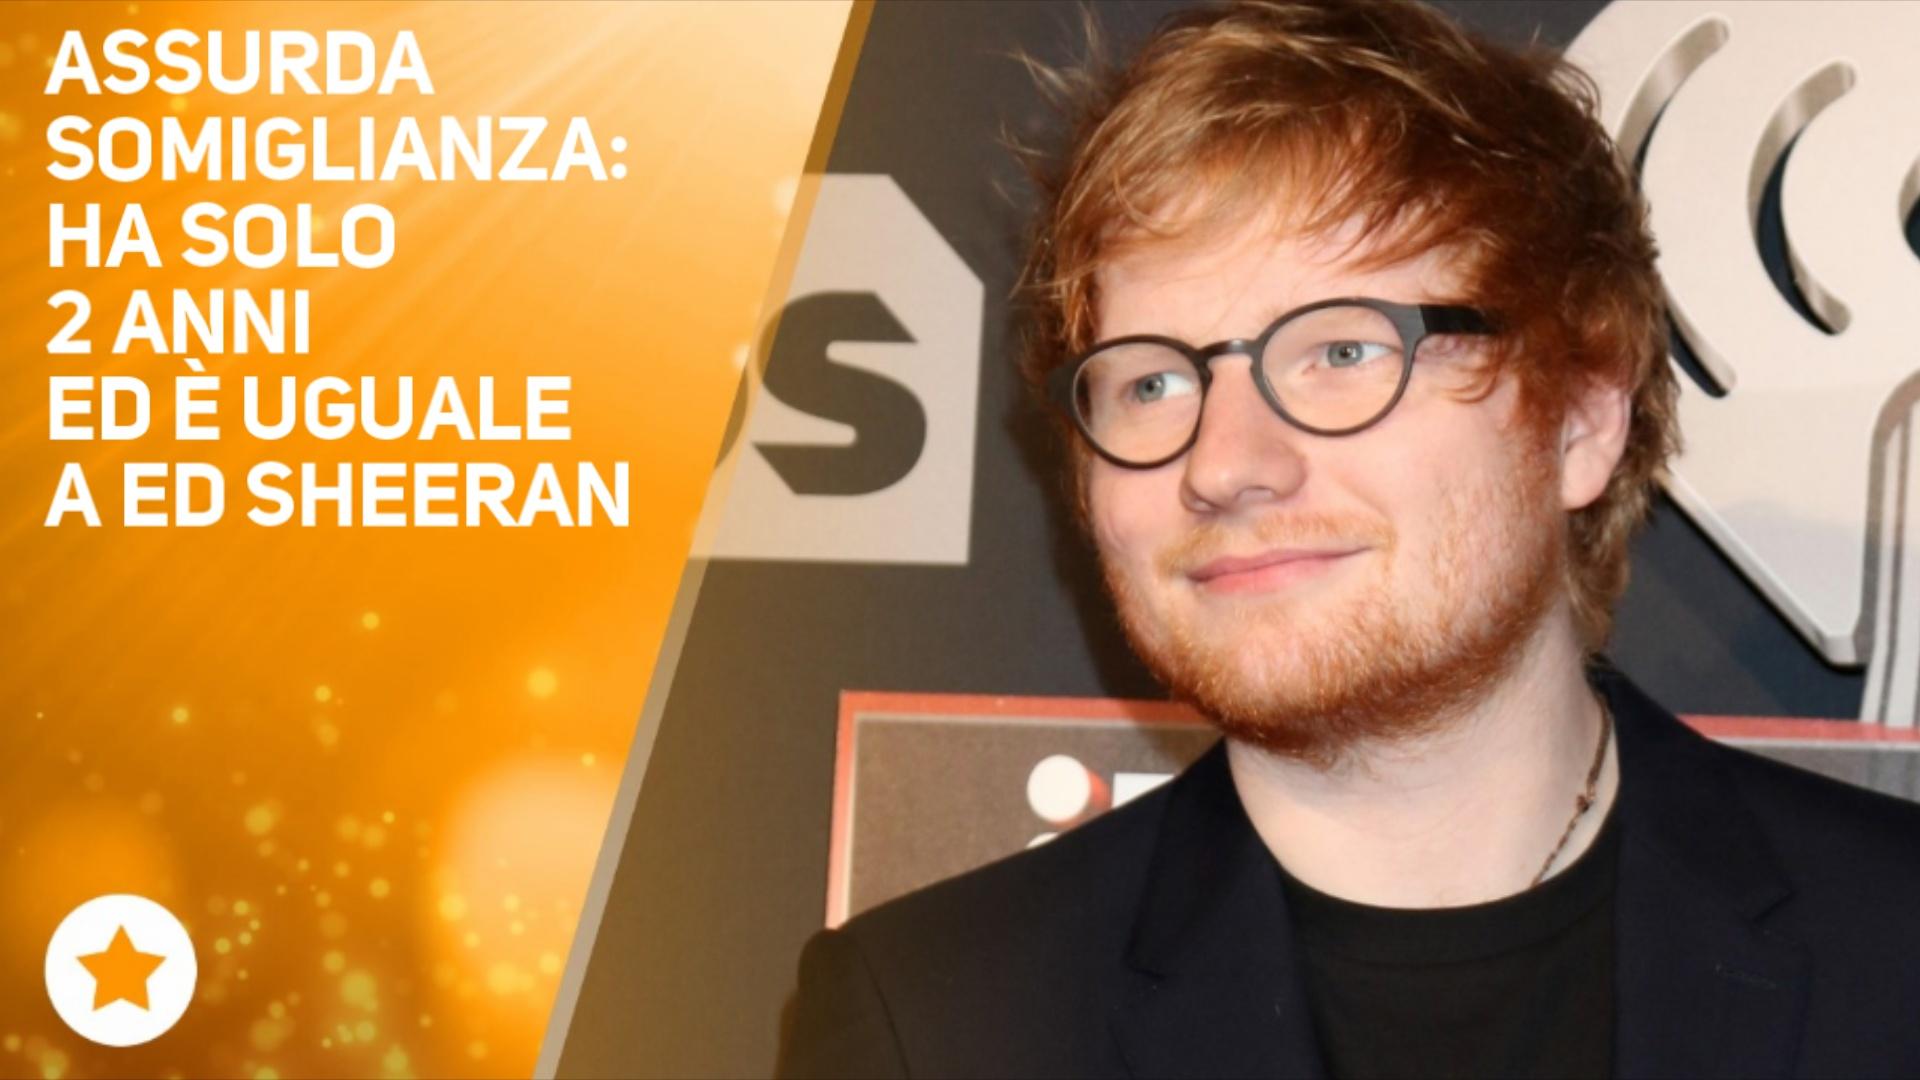 Ed Sheeran ha un sosia e la sua eta' vi stupira'